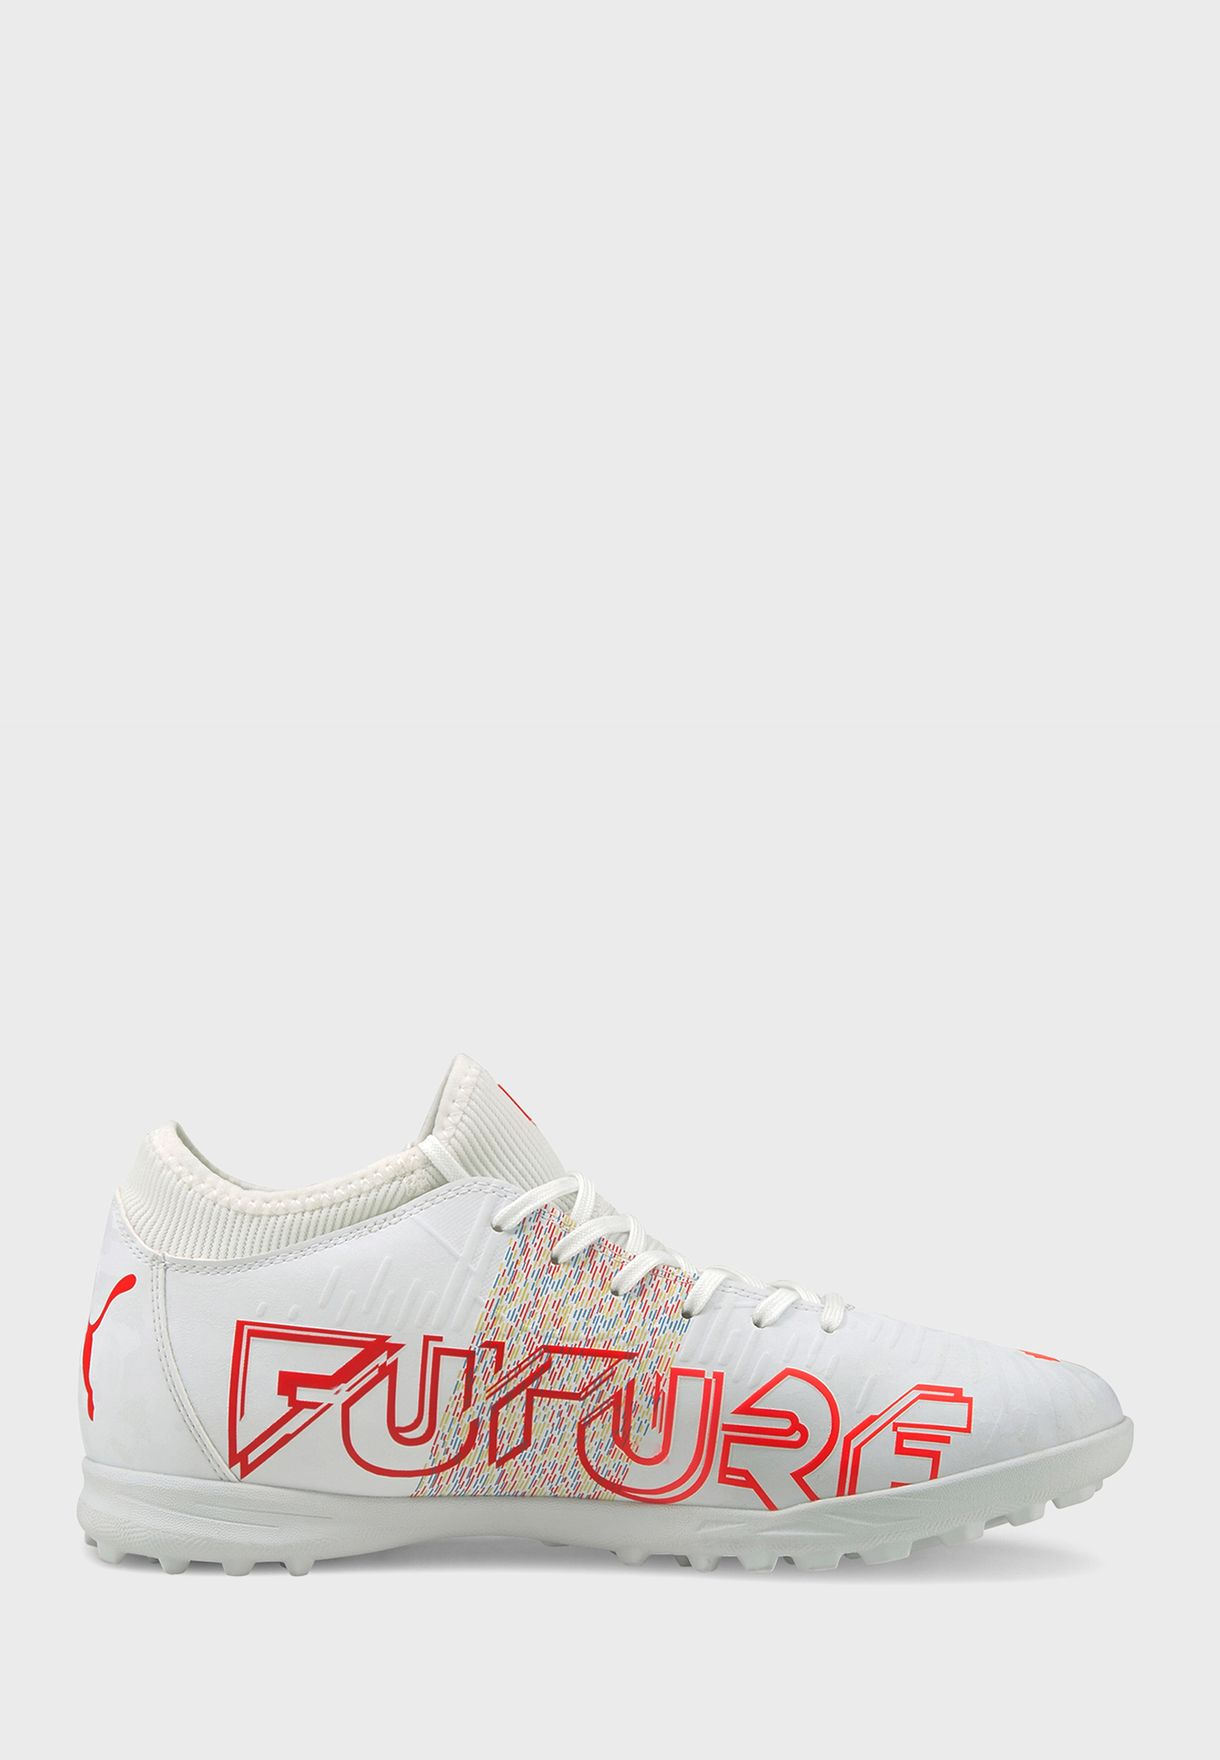 Future Z 4.1 TT